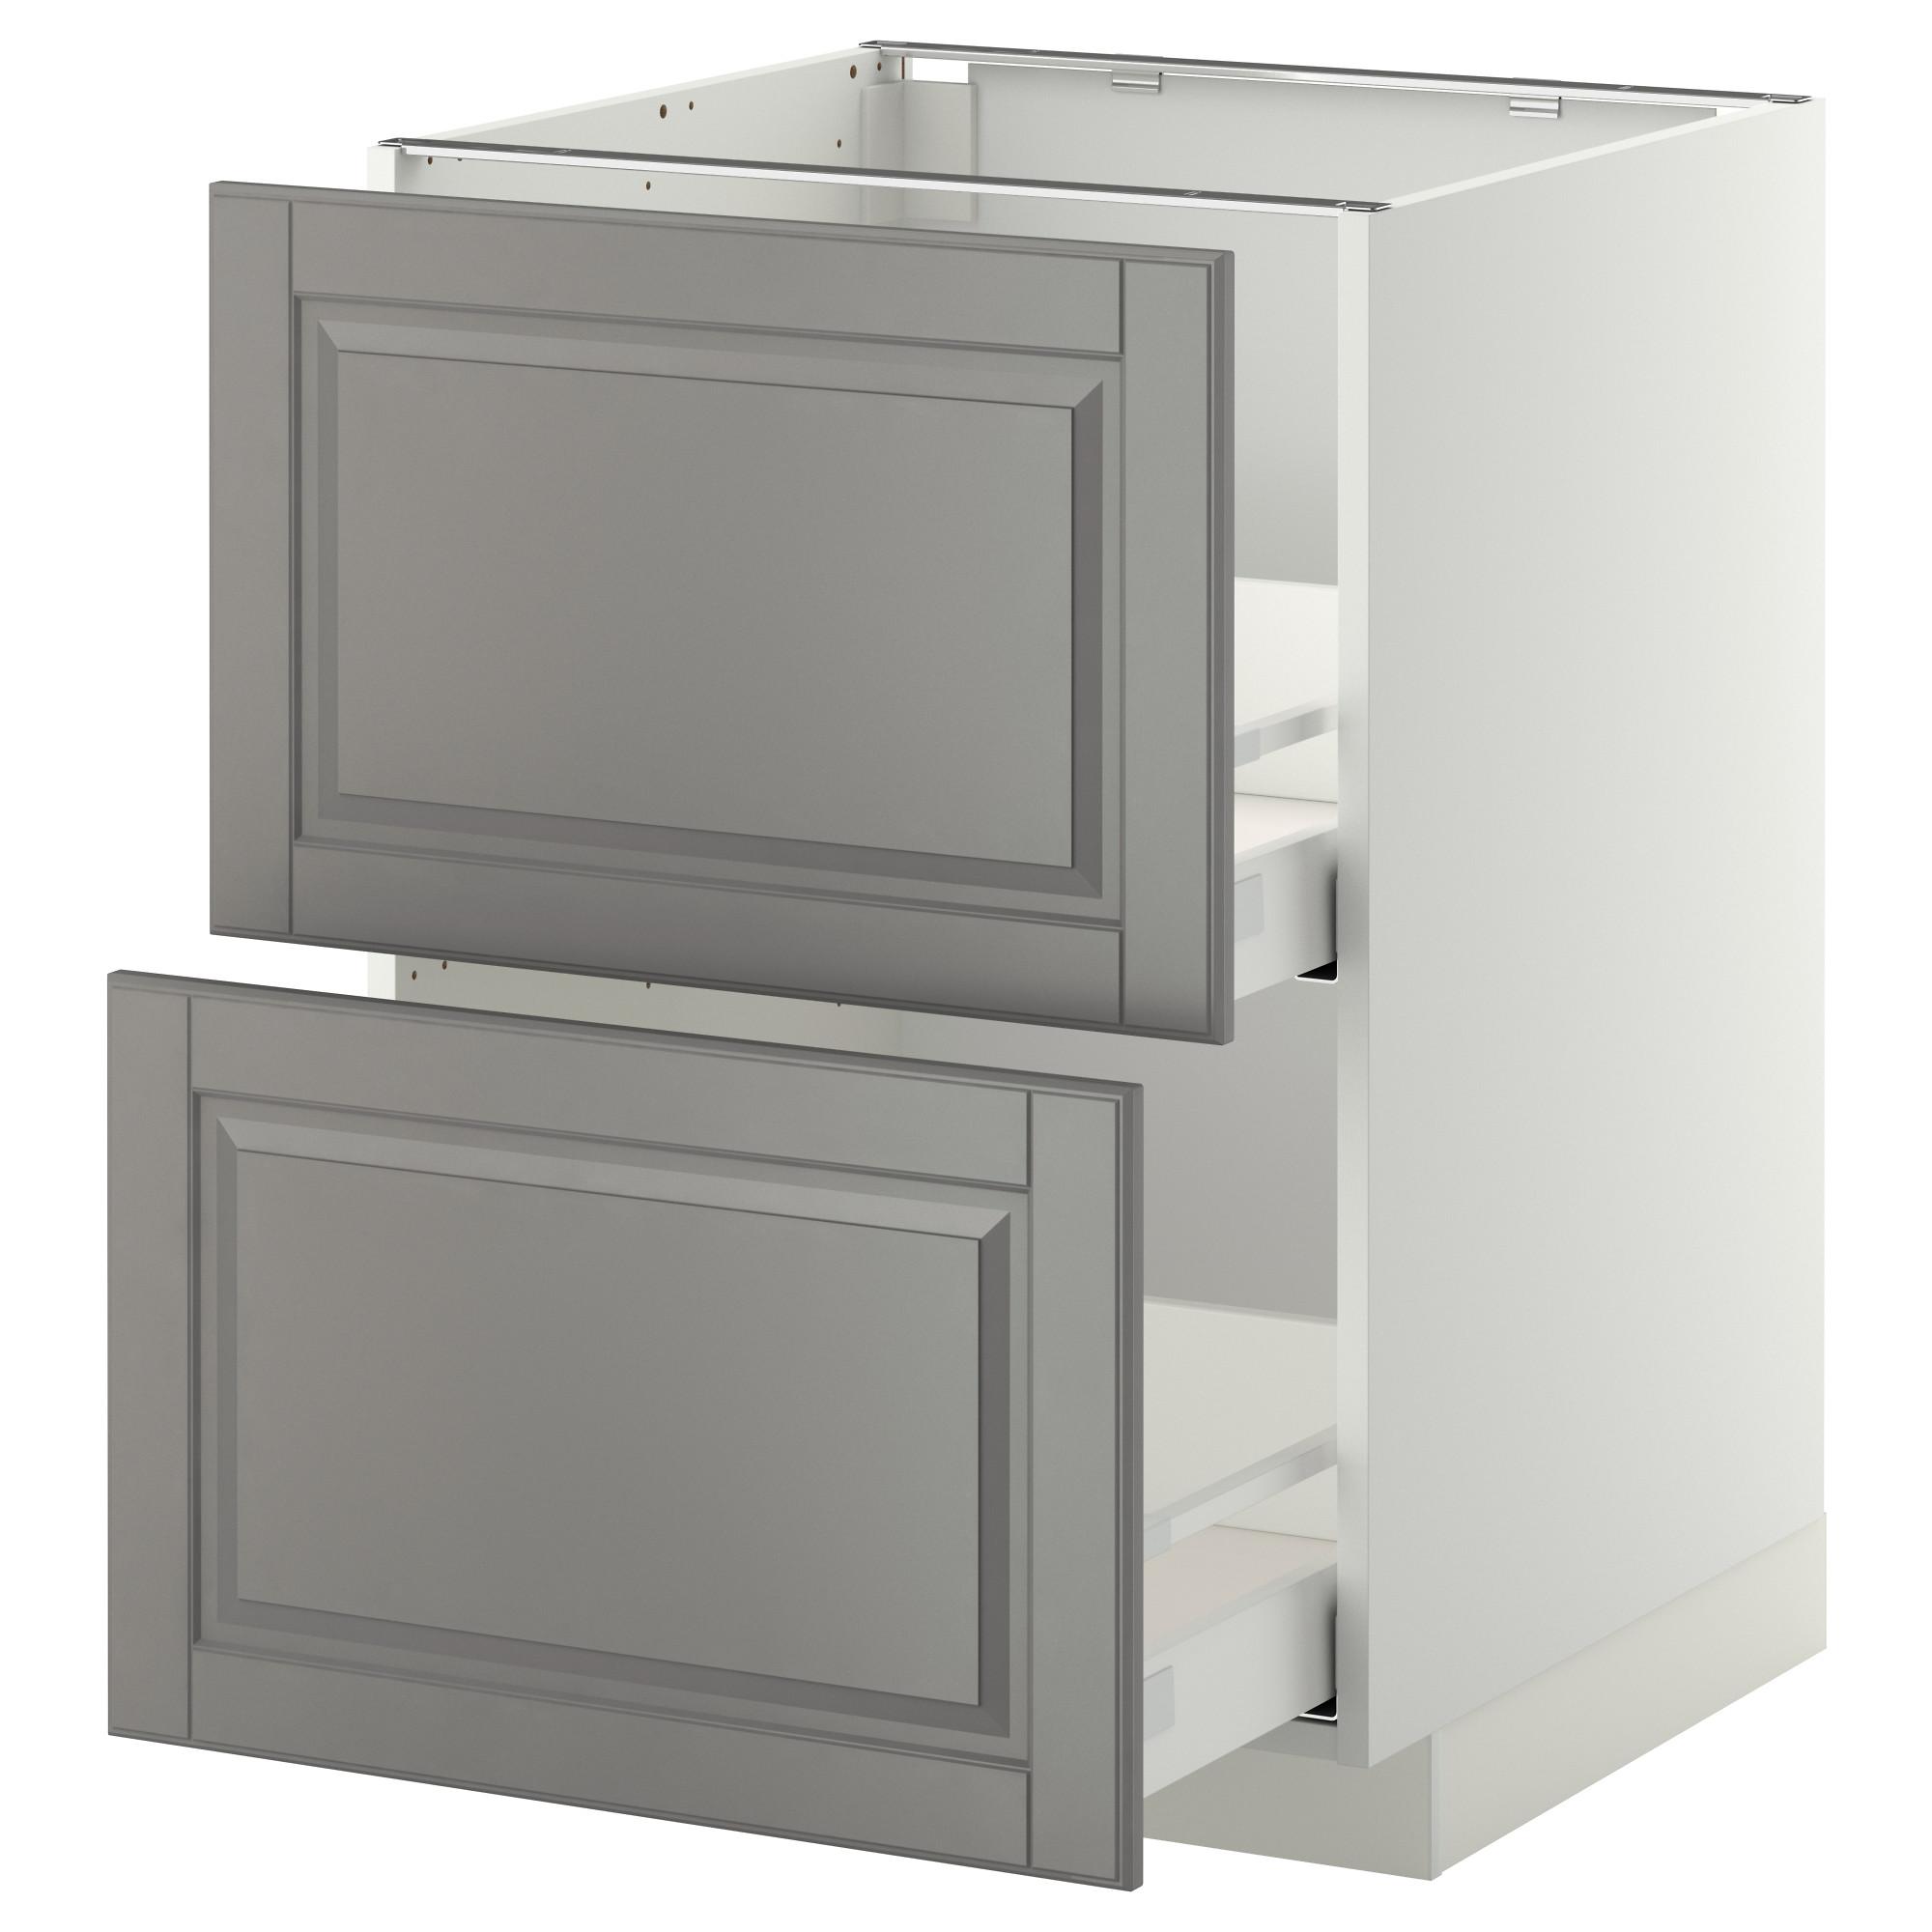 Напольный шкаф 2 фронтальные панели/2 средняя ящик МЕТОД / МАКСИМЕРА серый артикуль № 792.314.32 в наличии. Онлайн магазин IKEA Беларусь. Недорогая доставка и соборка.